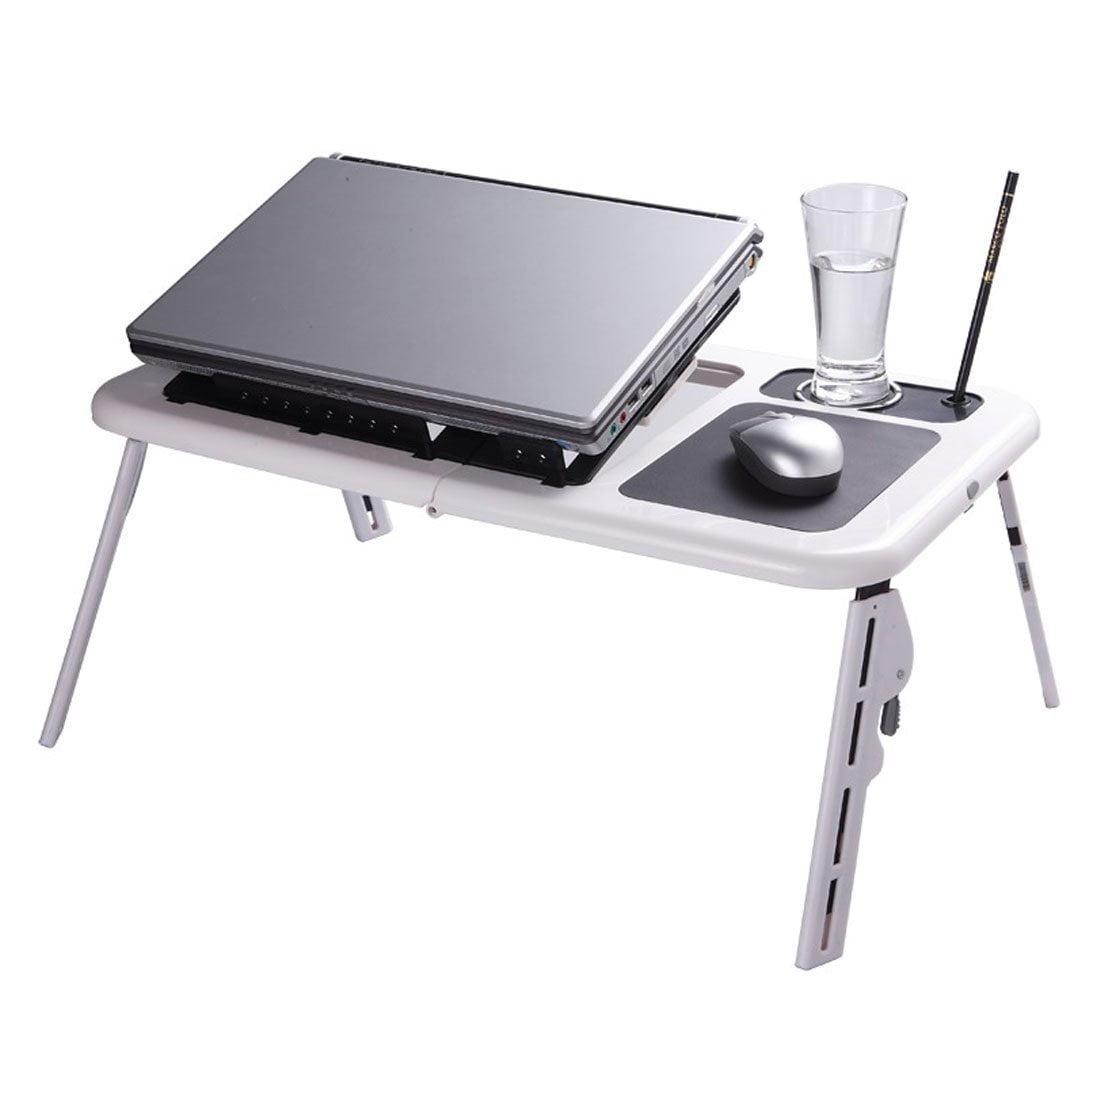 Laptop Stands for Desks